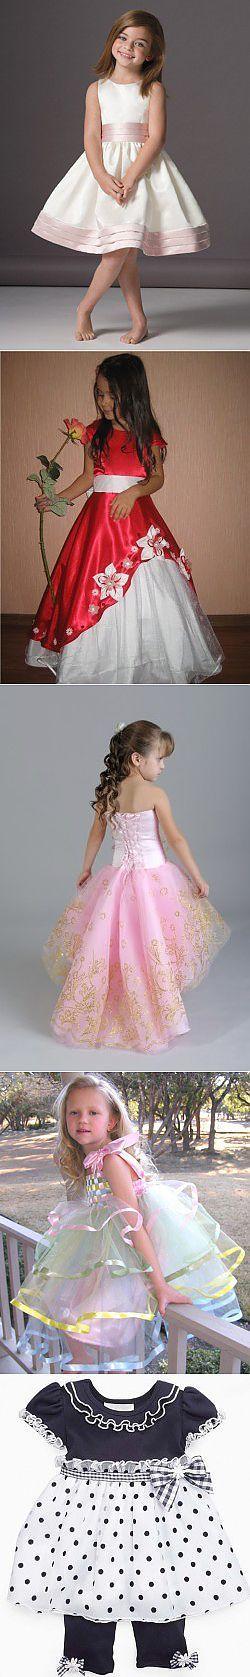 Красивая детская одежда, идеи для воплощения и вдохновения.